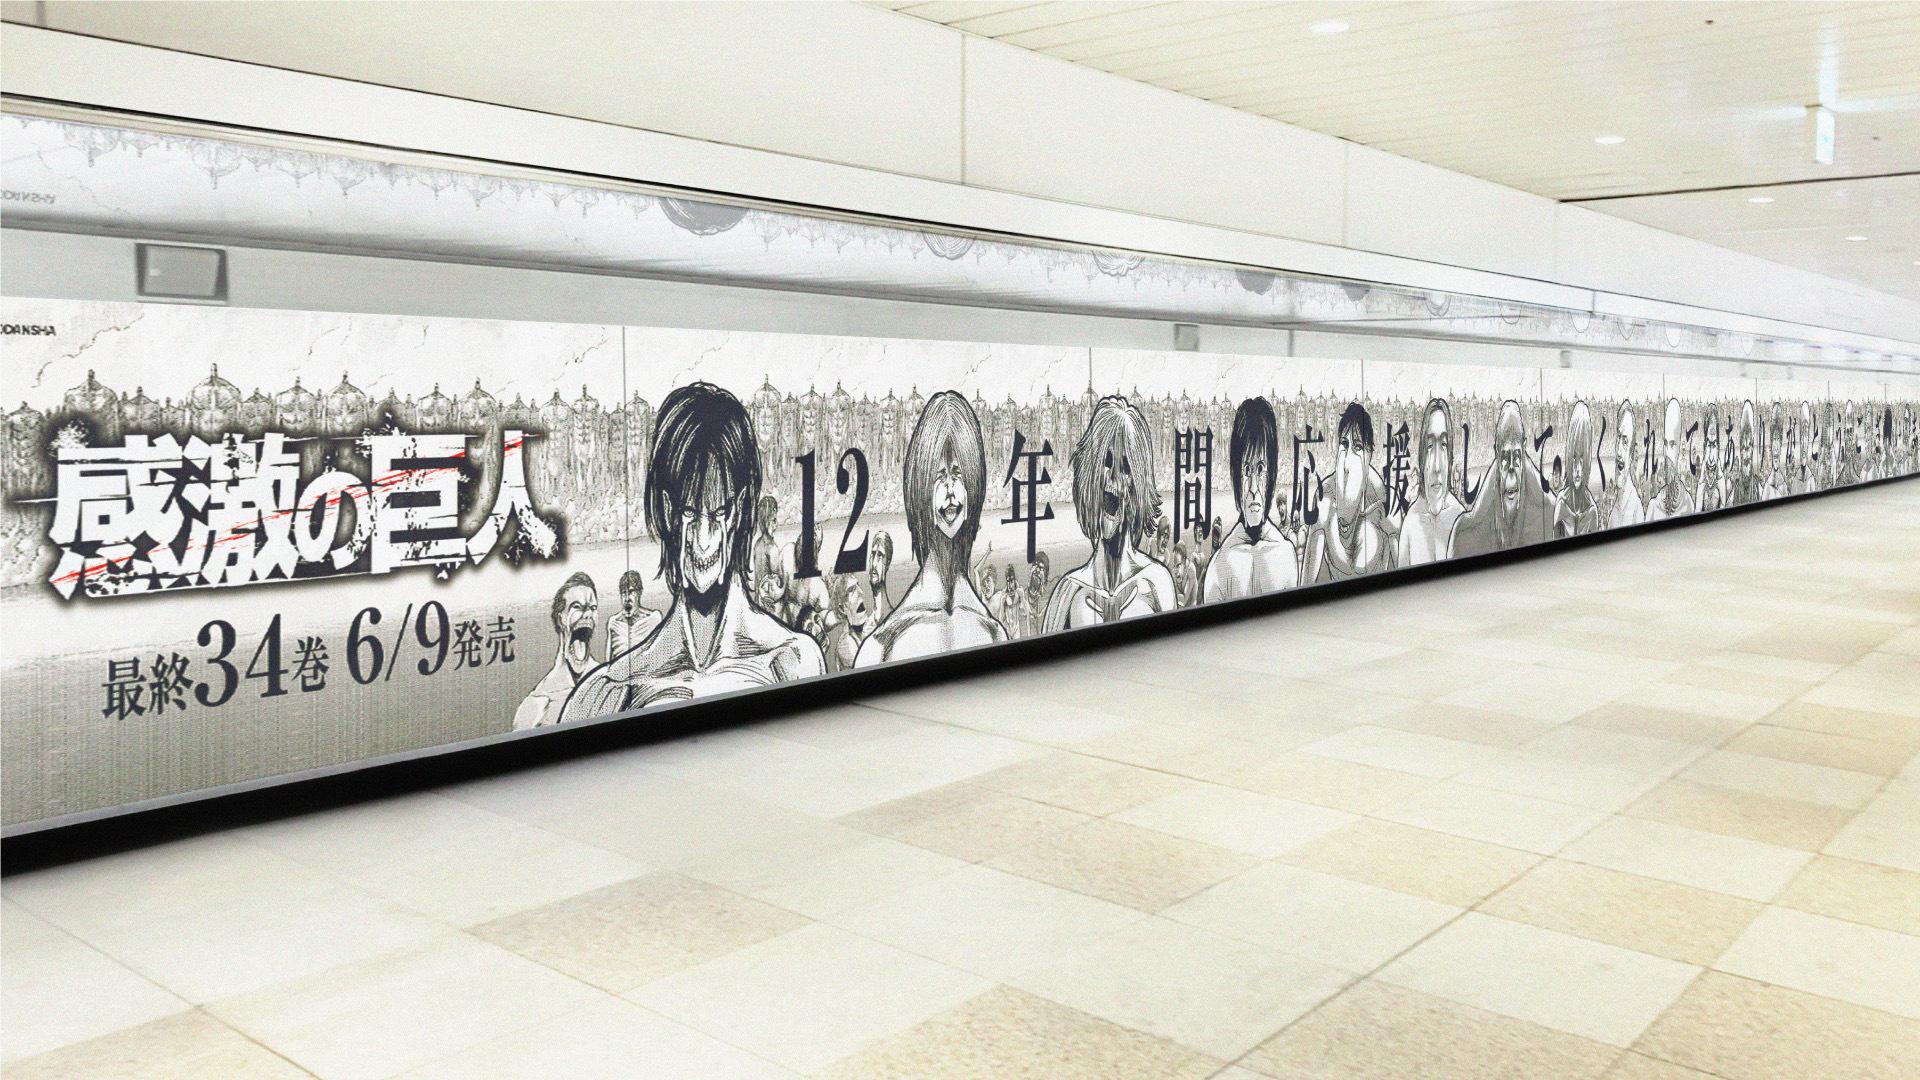 进击的巨人 新宿站 LED 广告牌 nijimen 1401749735468240901_p1